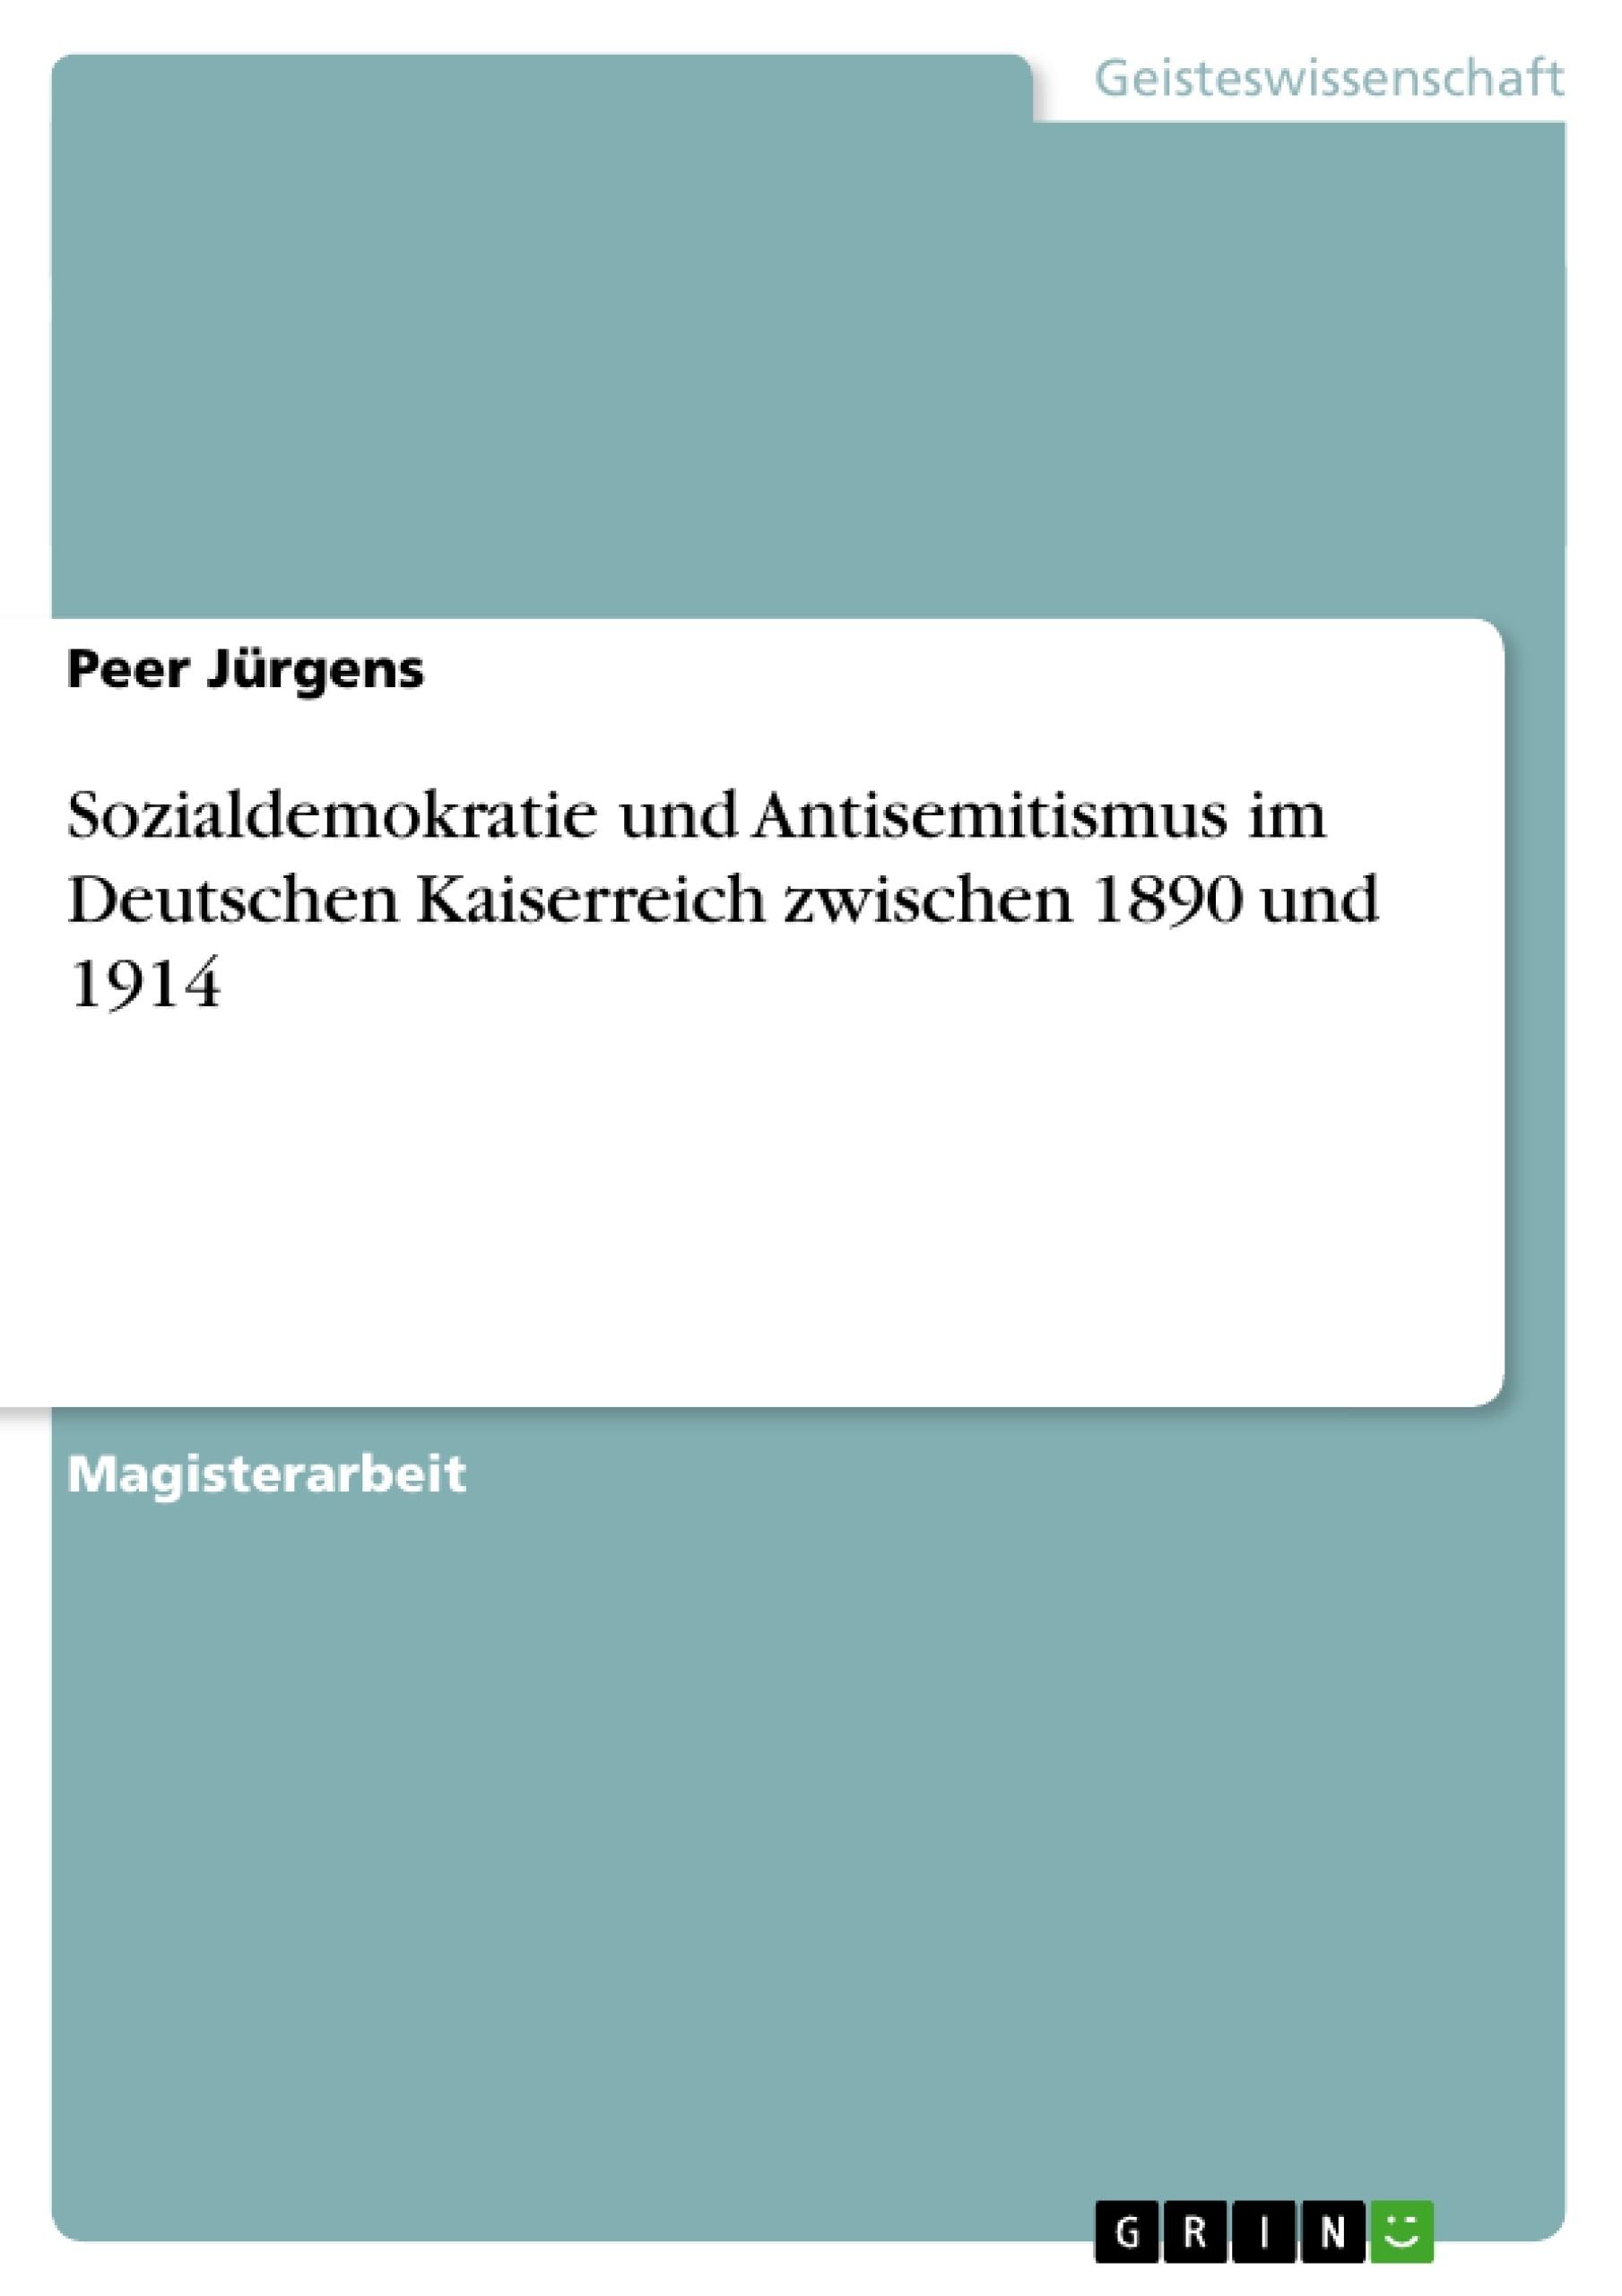 Titel: Sozialdemokratie und Antisemitismus im Deutschen Kaiserreich zwischen 1890 und 1914